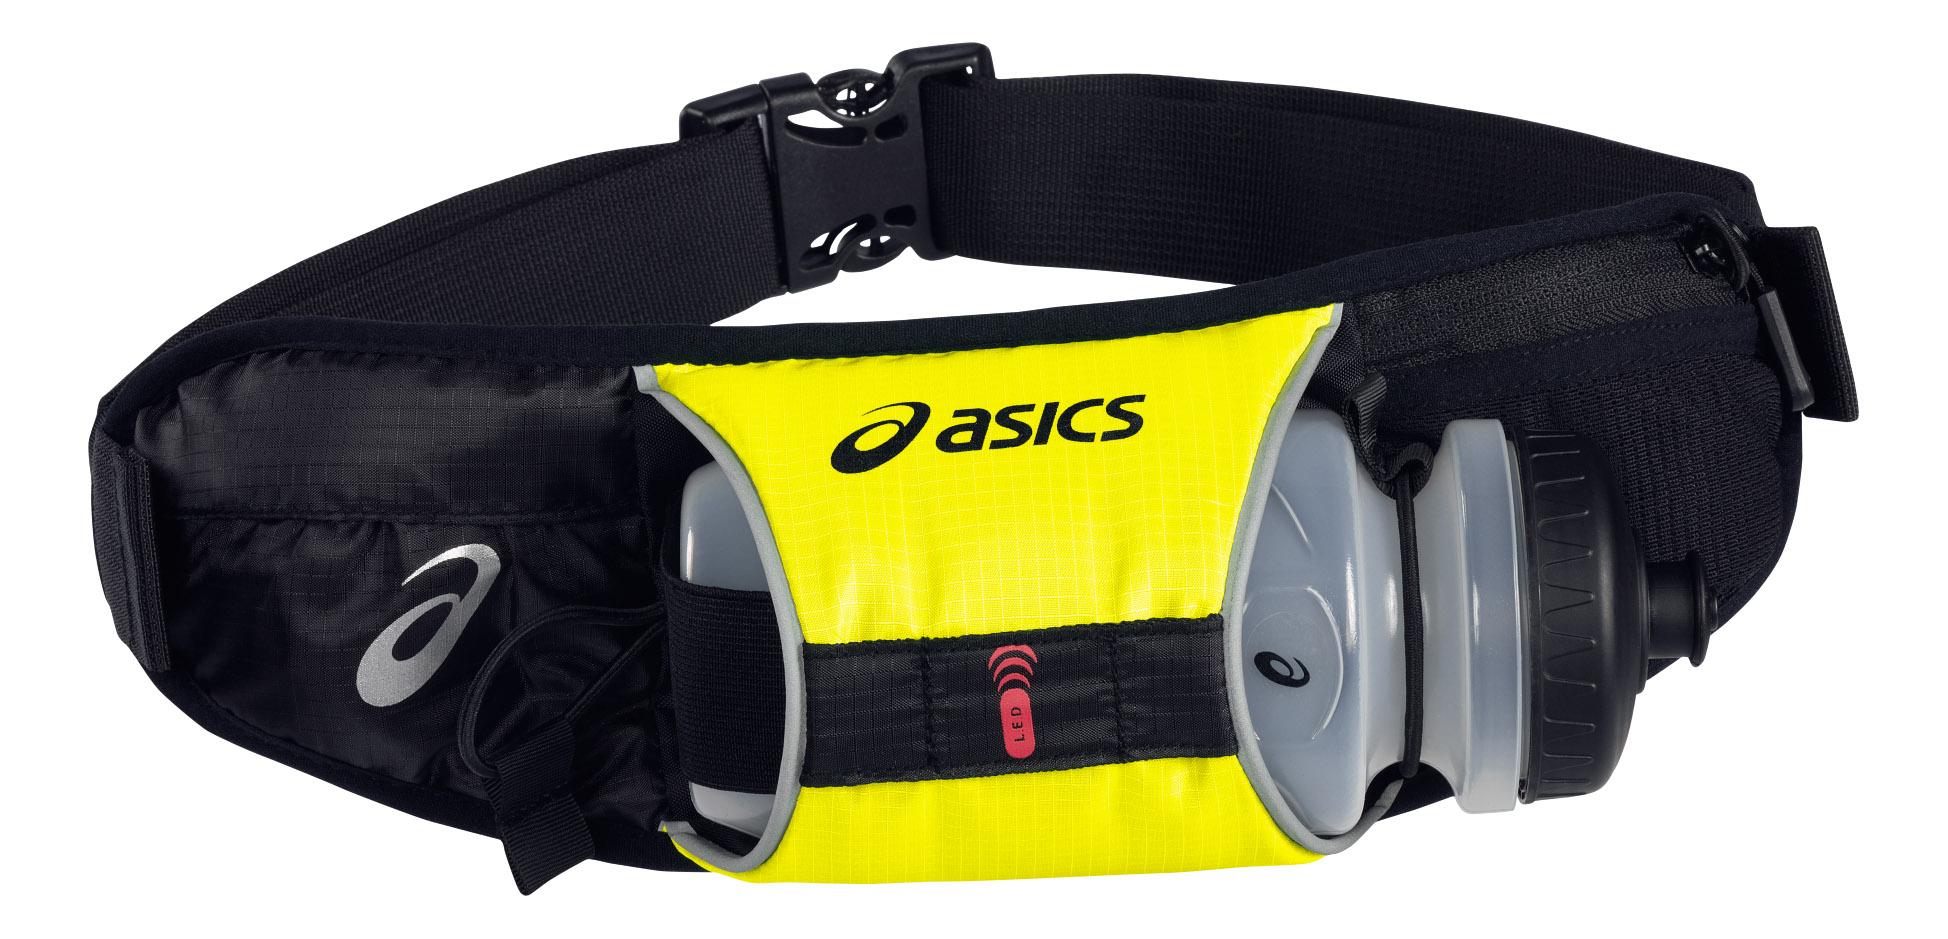 asics_running_waistpack